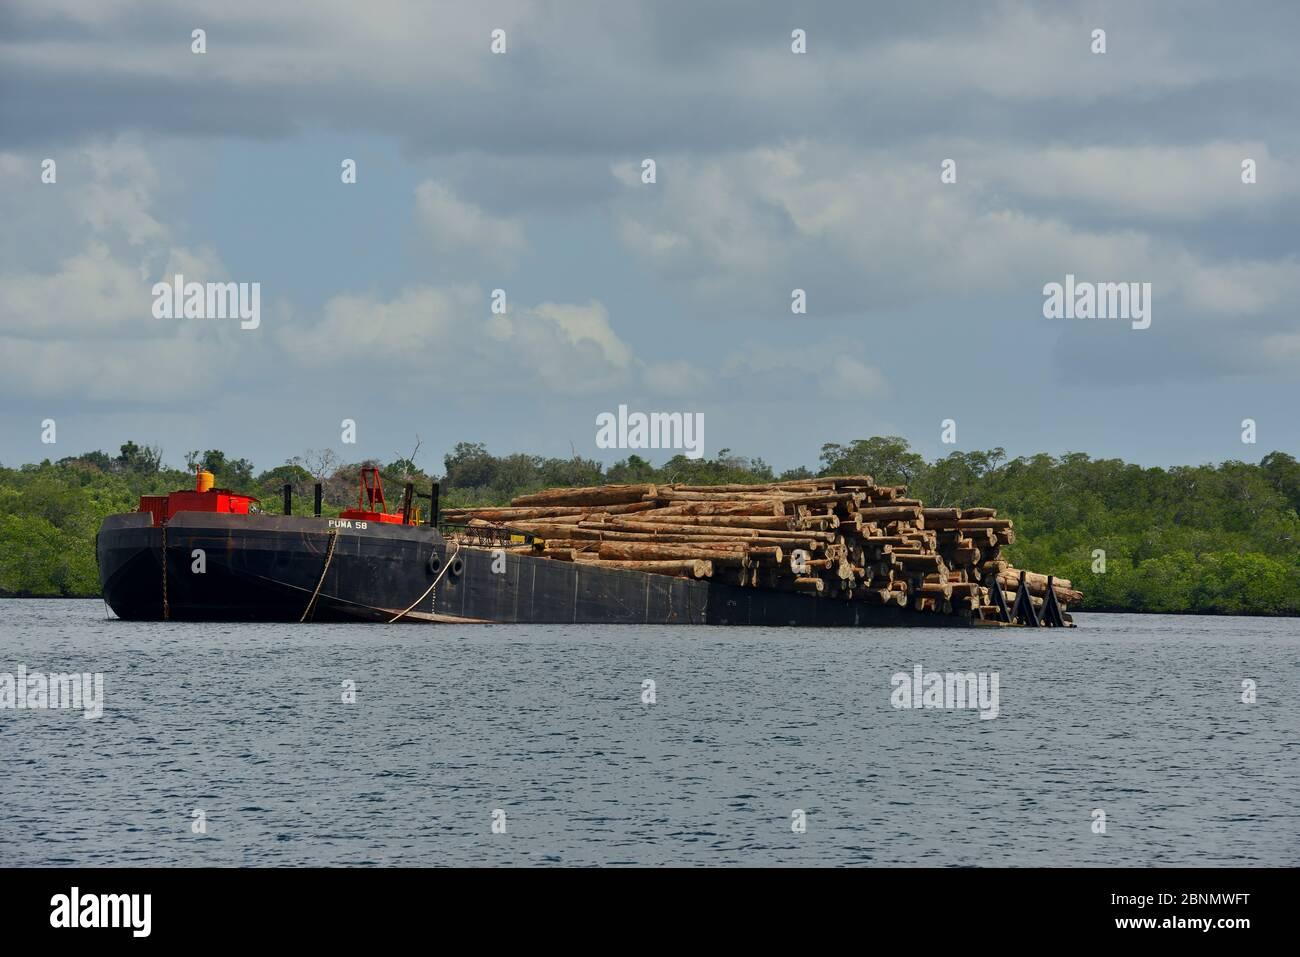 Bateau chargé de bois provenant de forêts locales, Siberut, Sumatra, juillet Banque D'Images